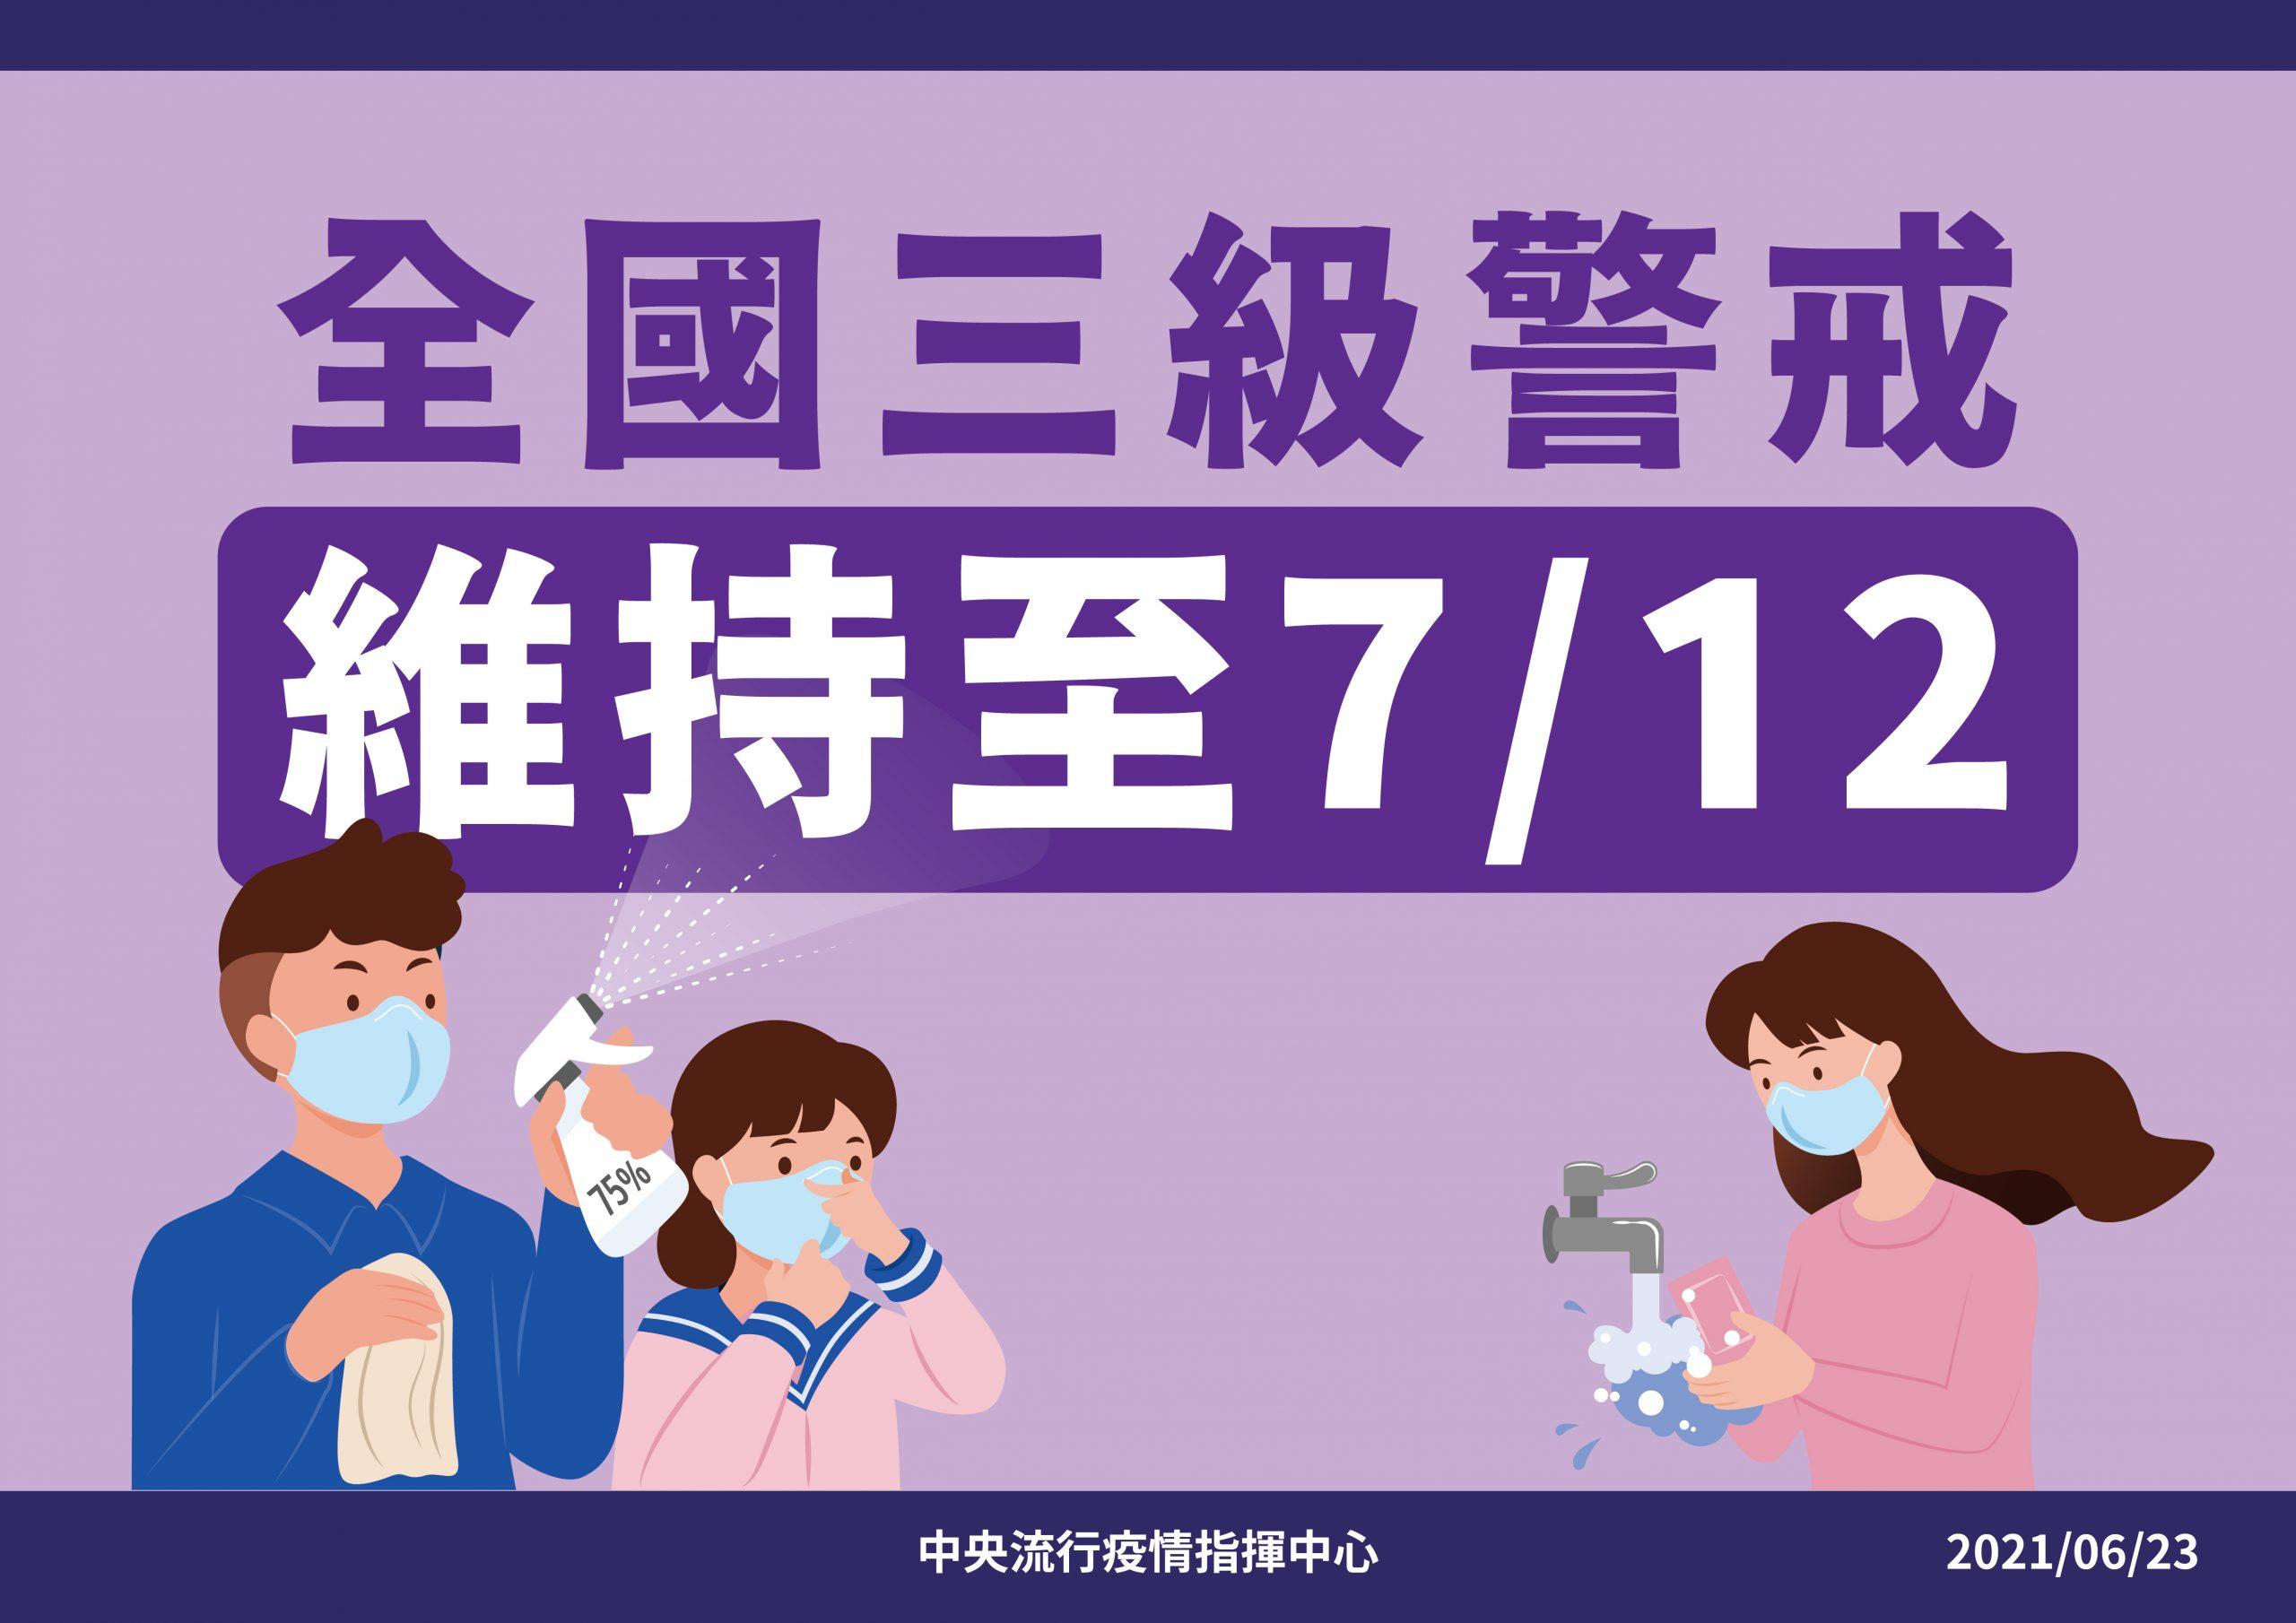 最新推播訊息:最新!三級警戒延至7/12。COVID-19防疫應落實事項公告